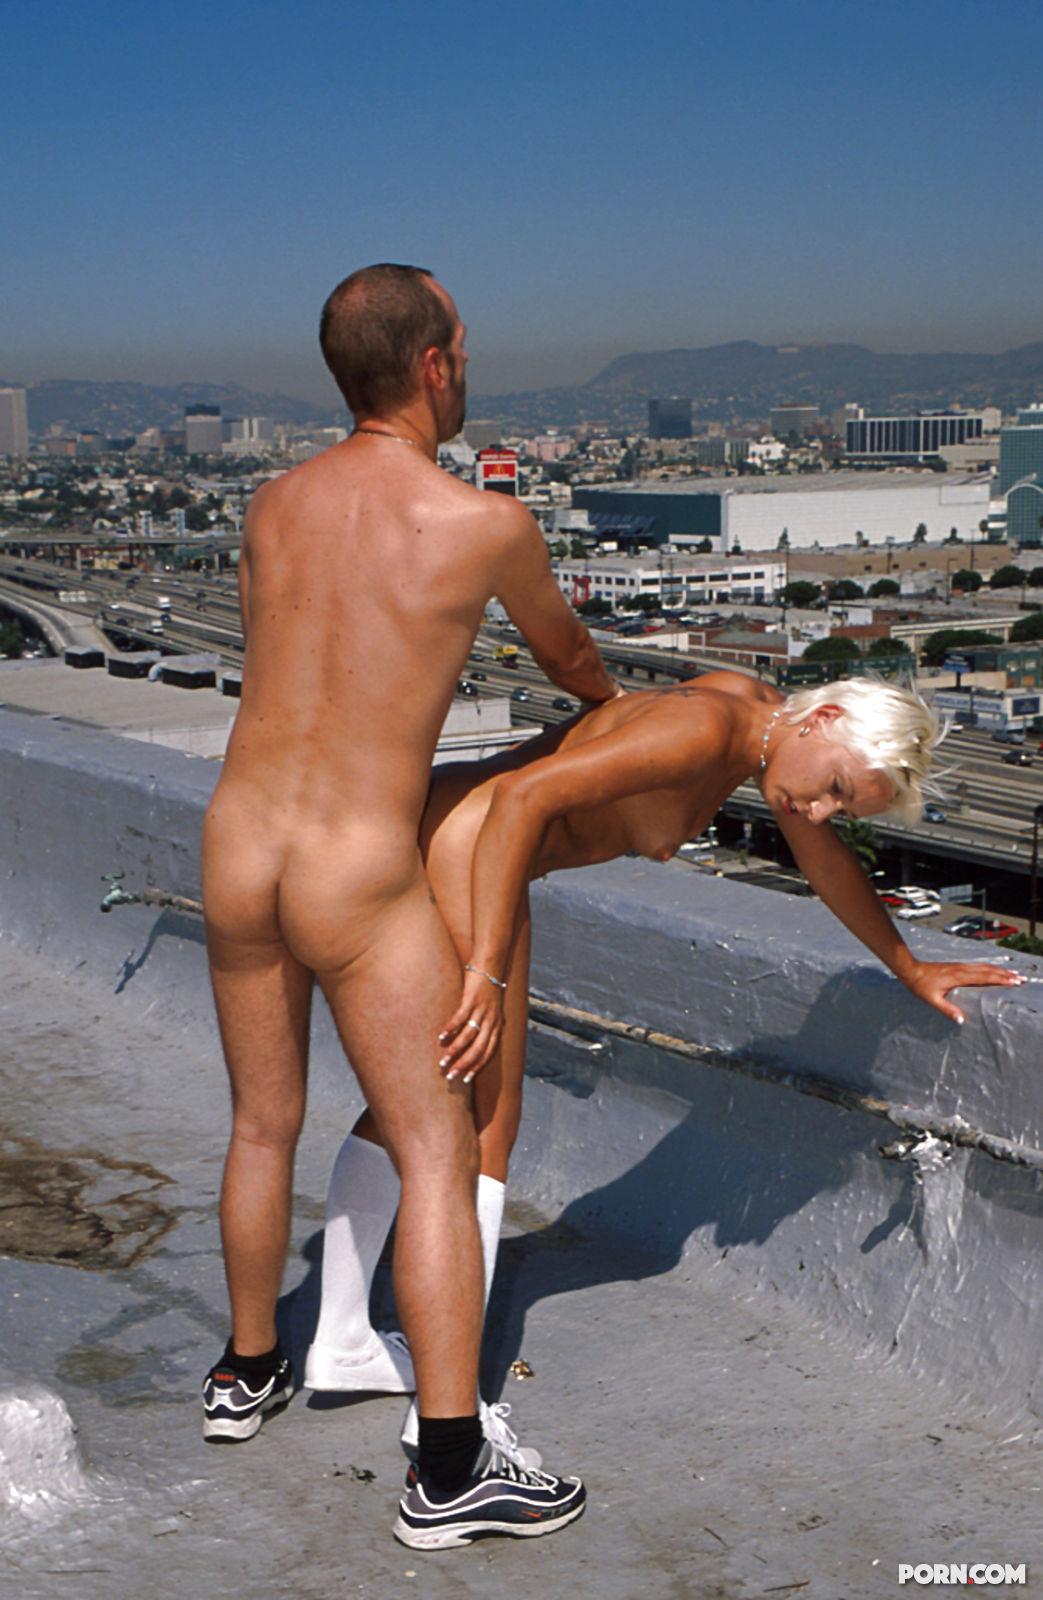 Секс крыше